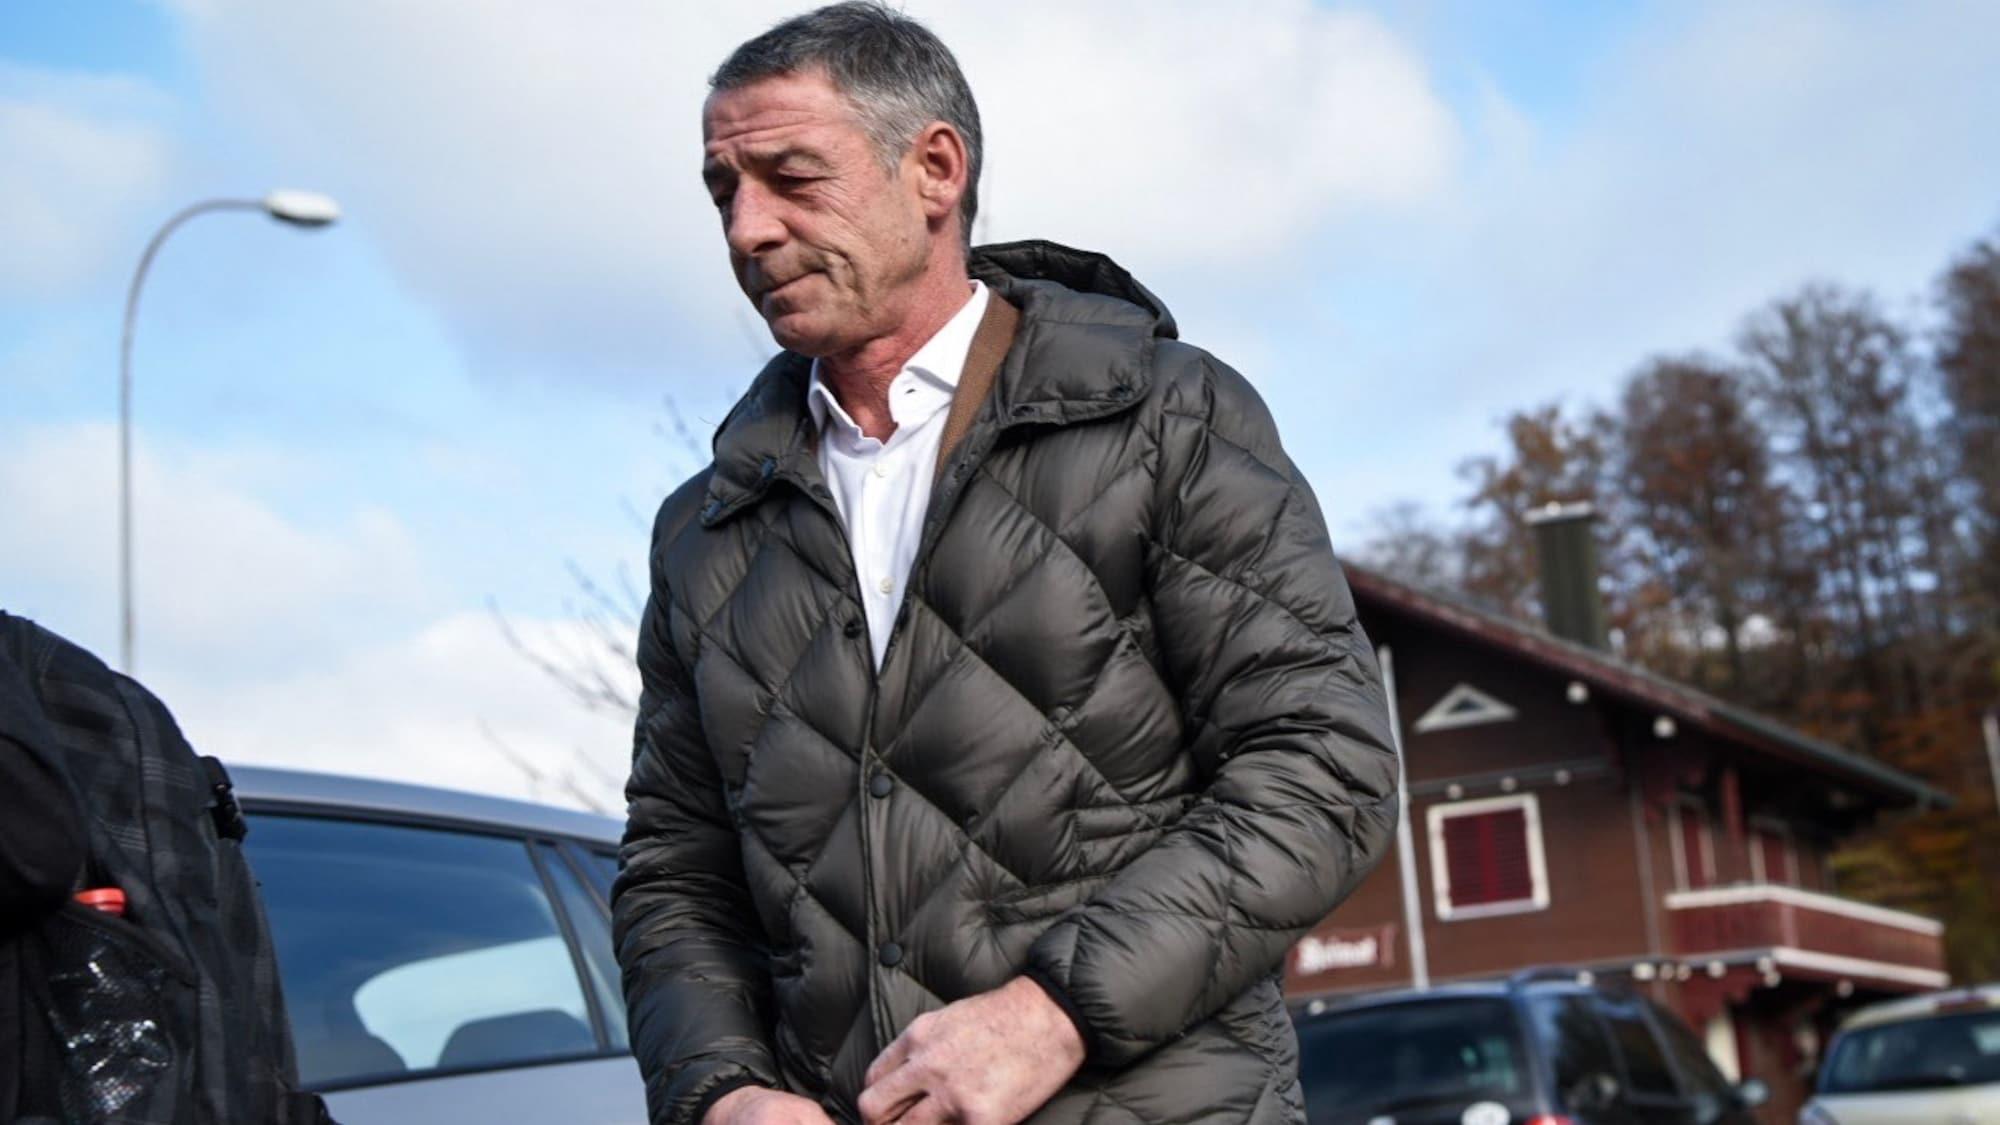 Wegen mehrfacher Tierquälerei: Bezirksgericht verurteilt Springreiter Estermann!